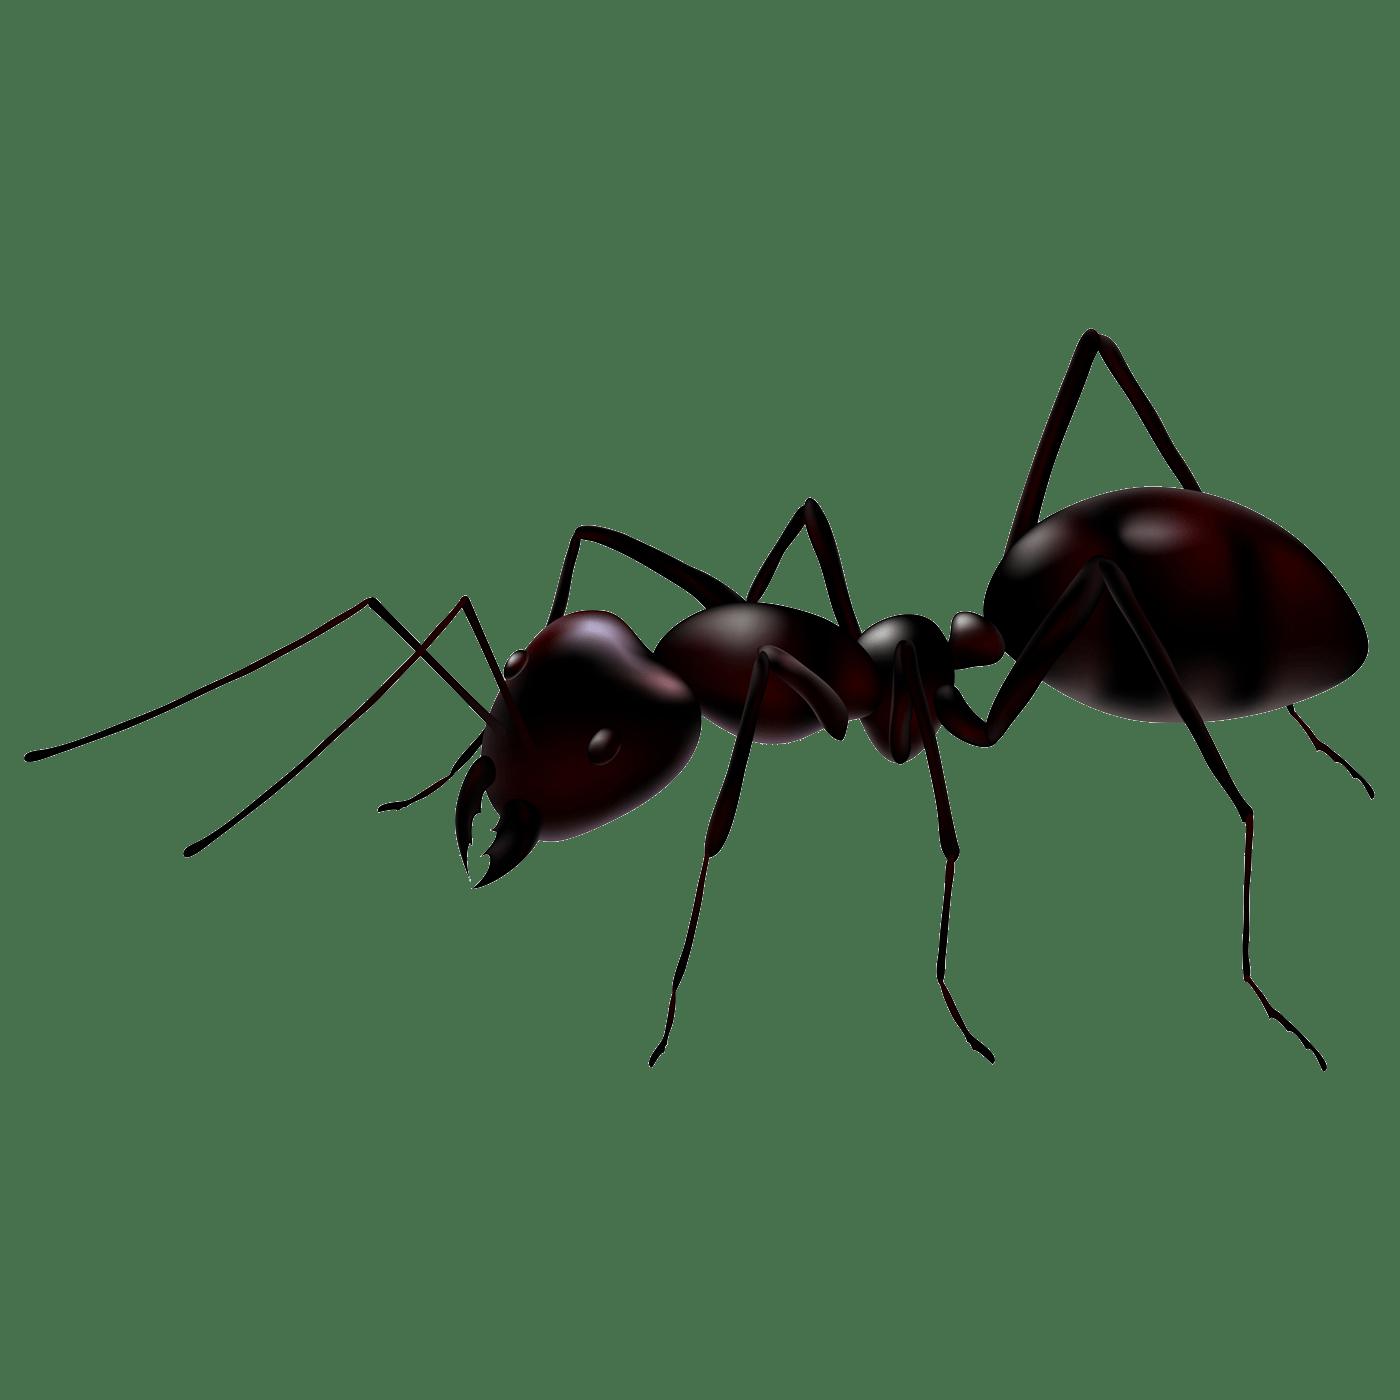 Ant Transparent Image